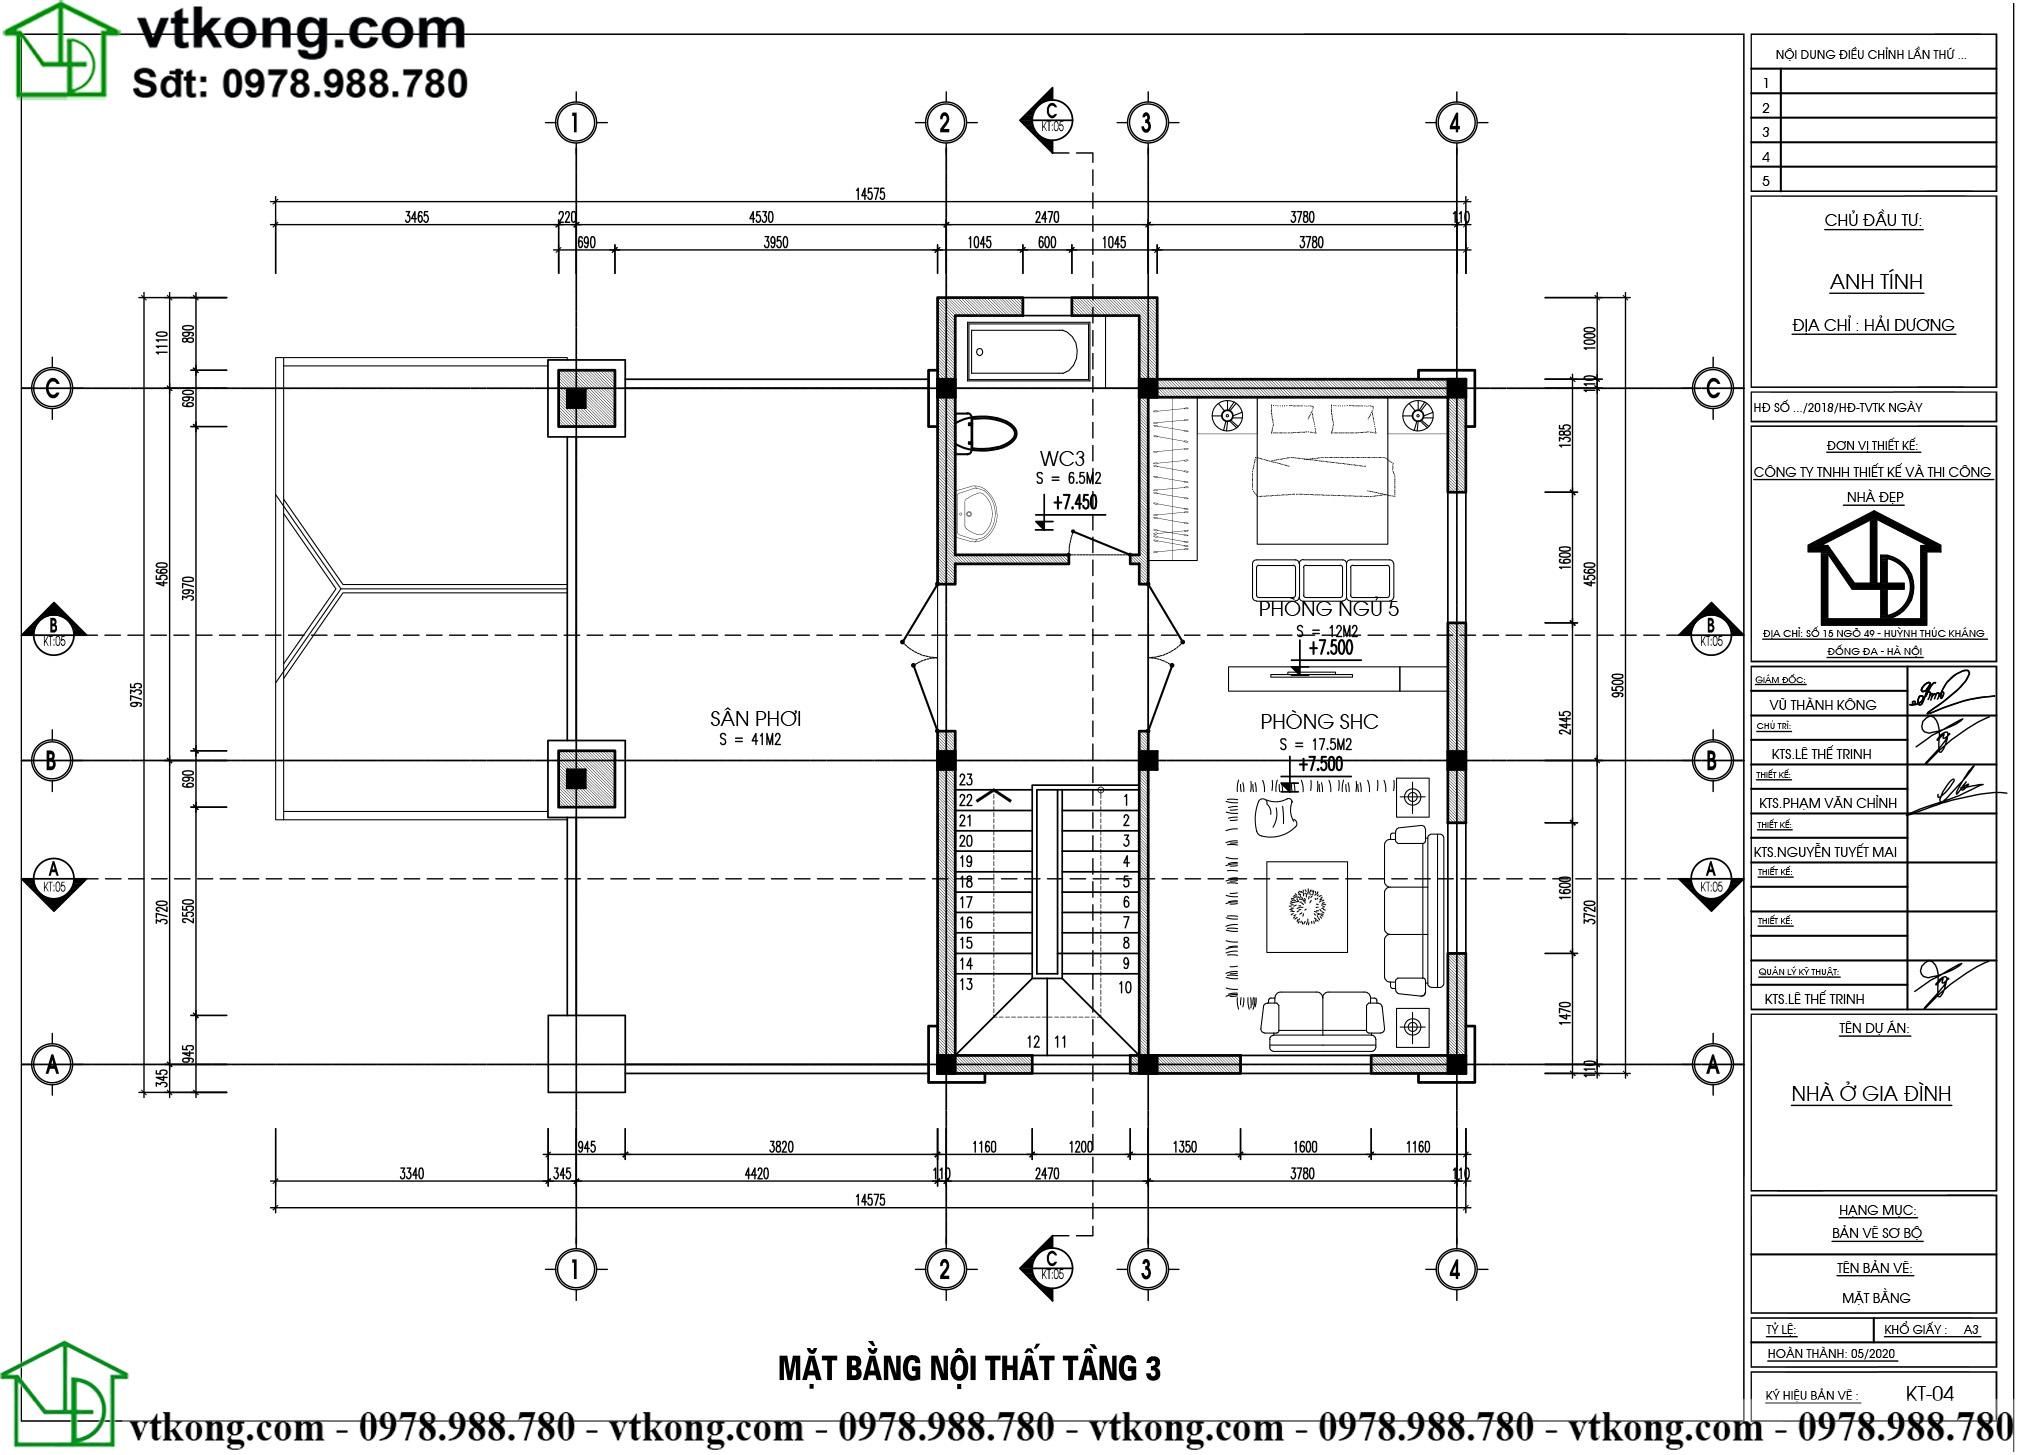 Mẫu biệt thự tân cổ điển 3 tầng mặt tiền 8m diện tích 330m2 sang trọng BT3T007 4